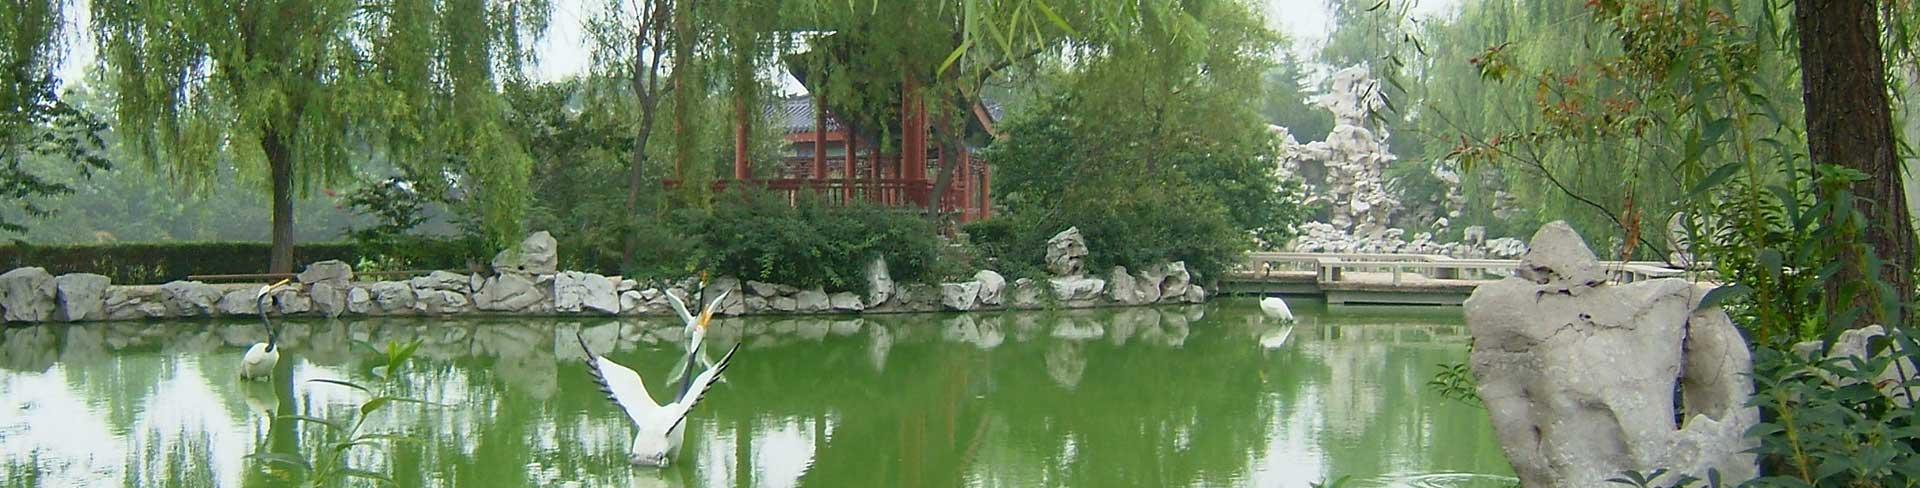 石家庄陵园